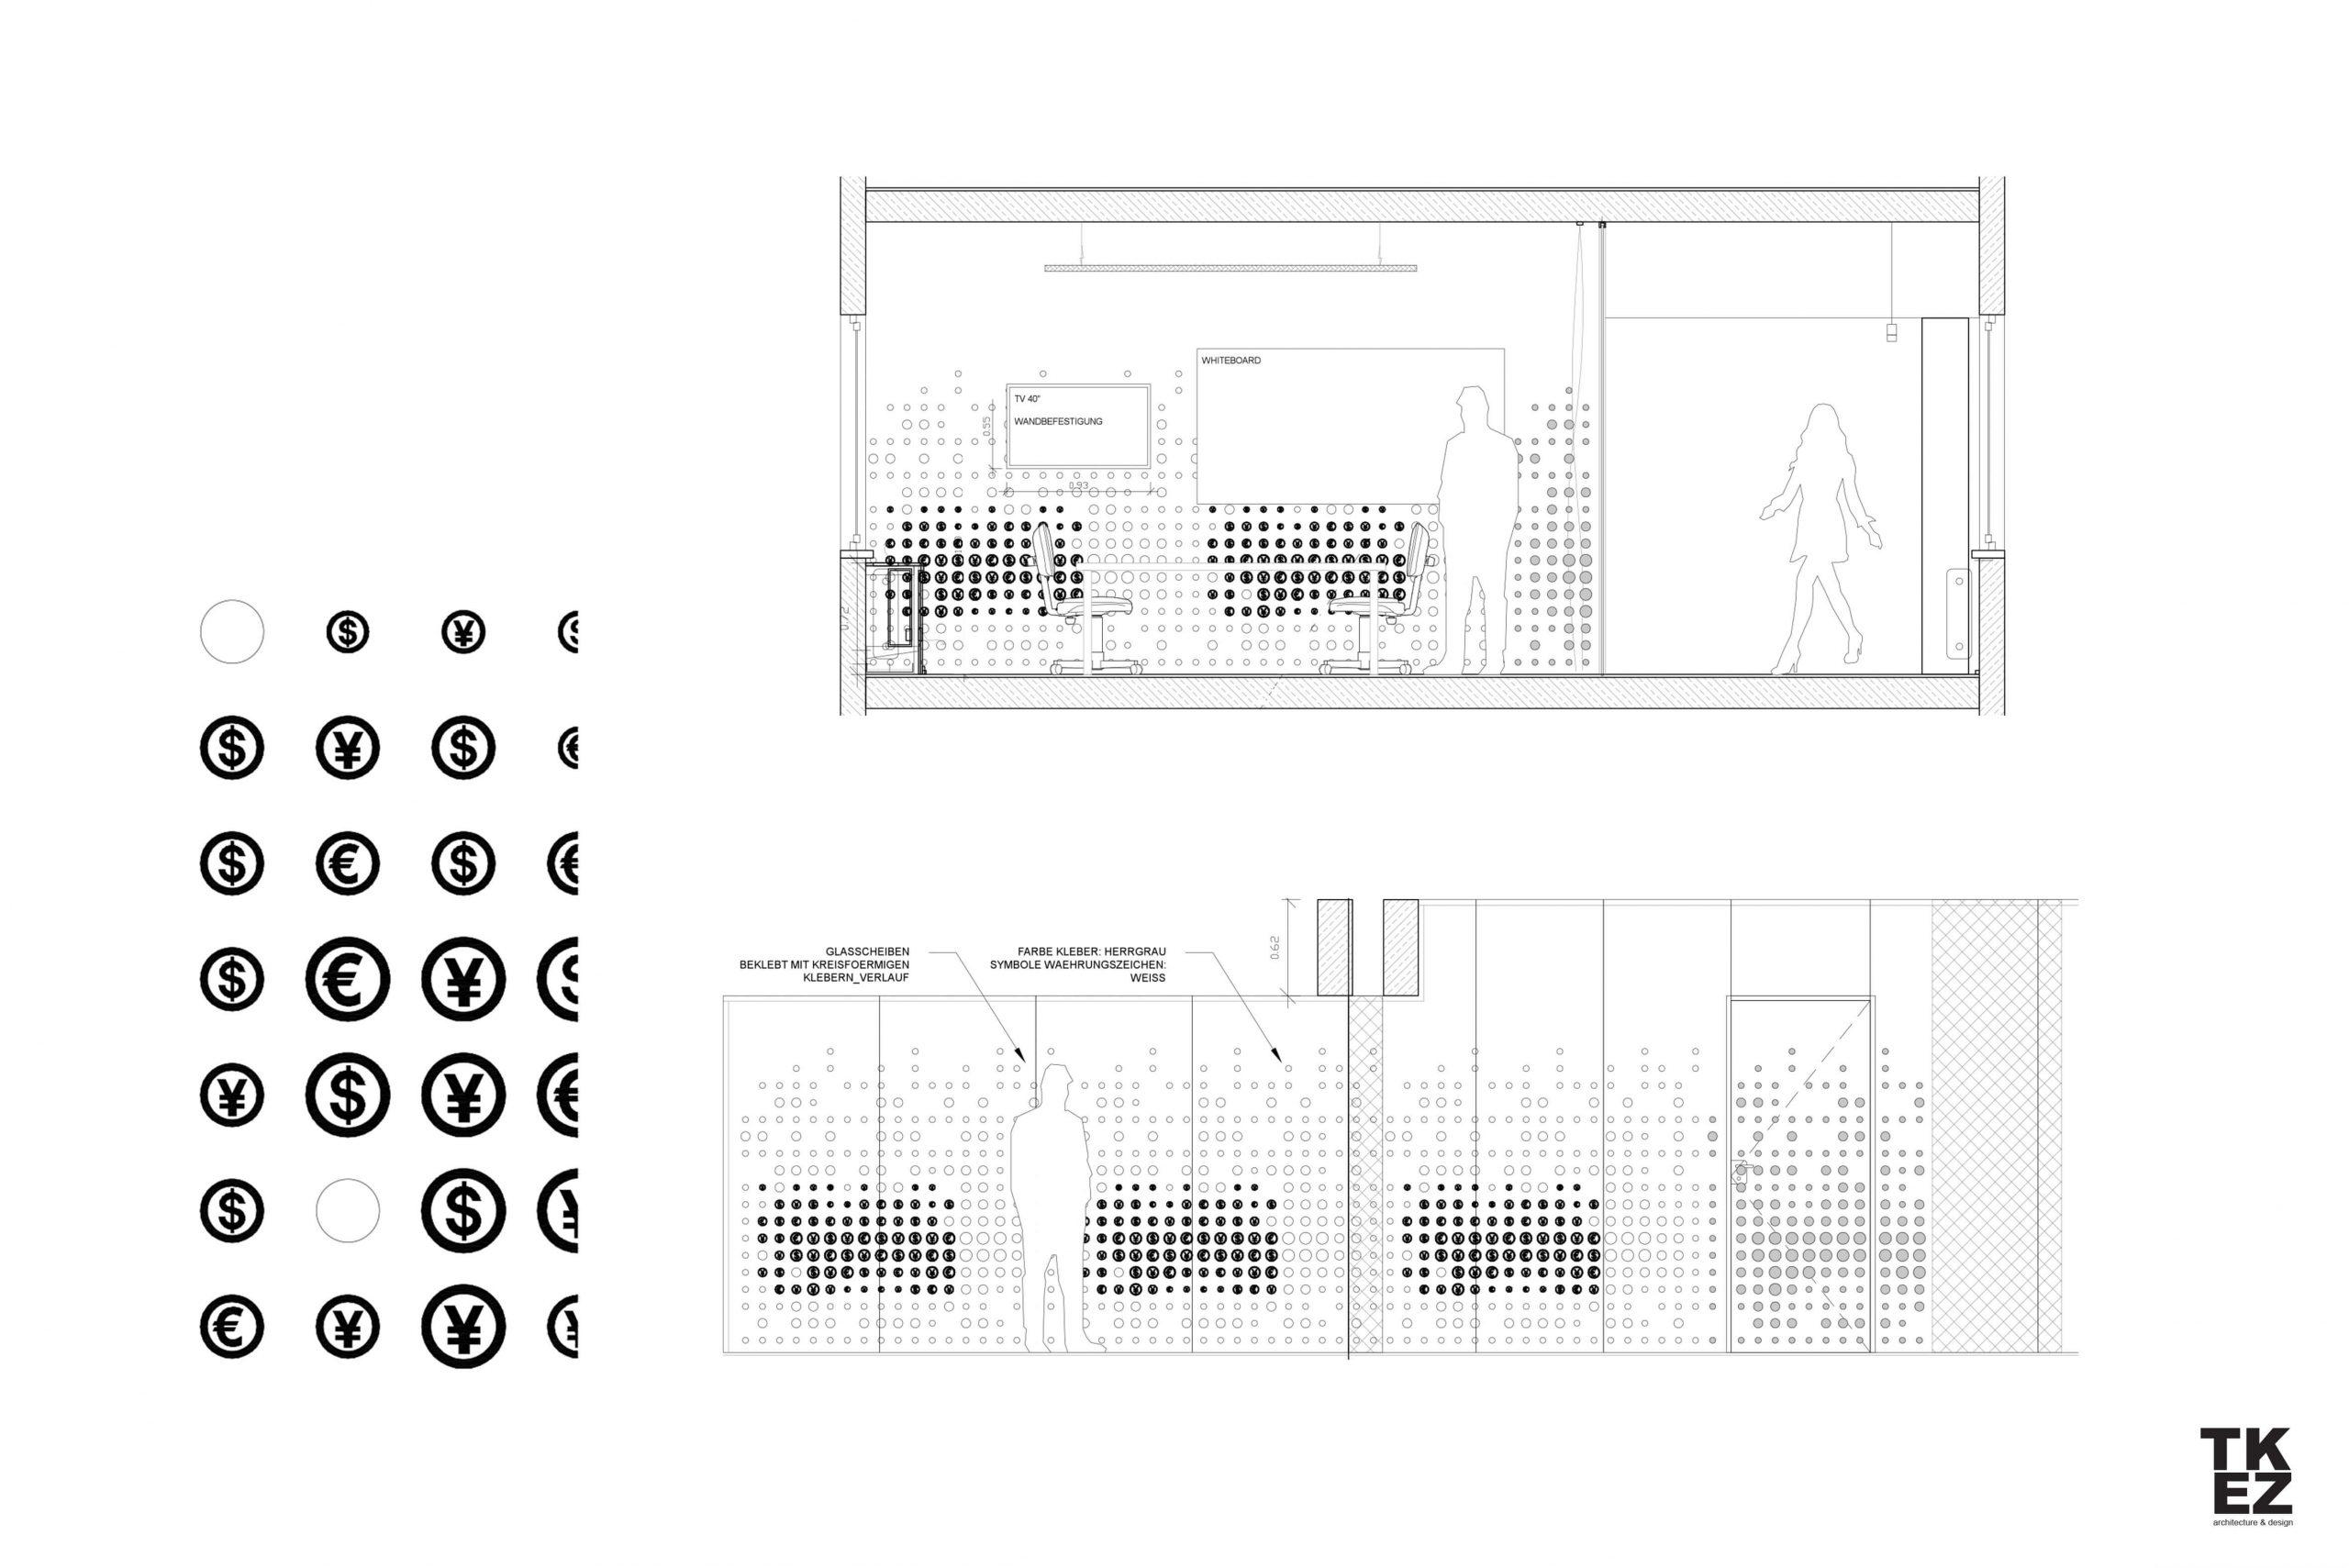 New Work Büro Startup N26 Architekturbüro TKEZ Währung Design